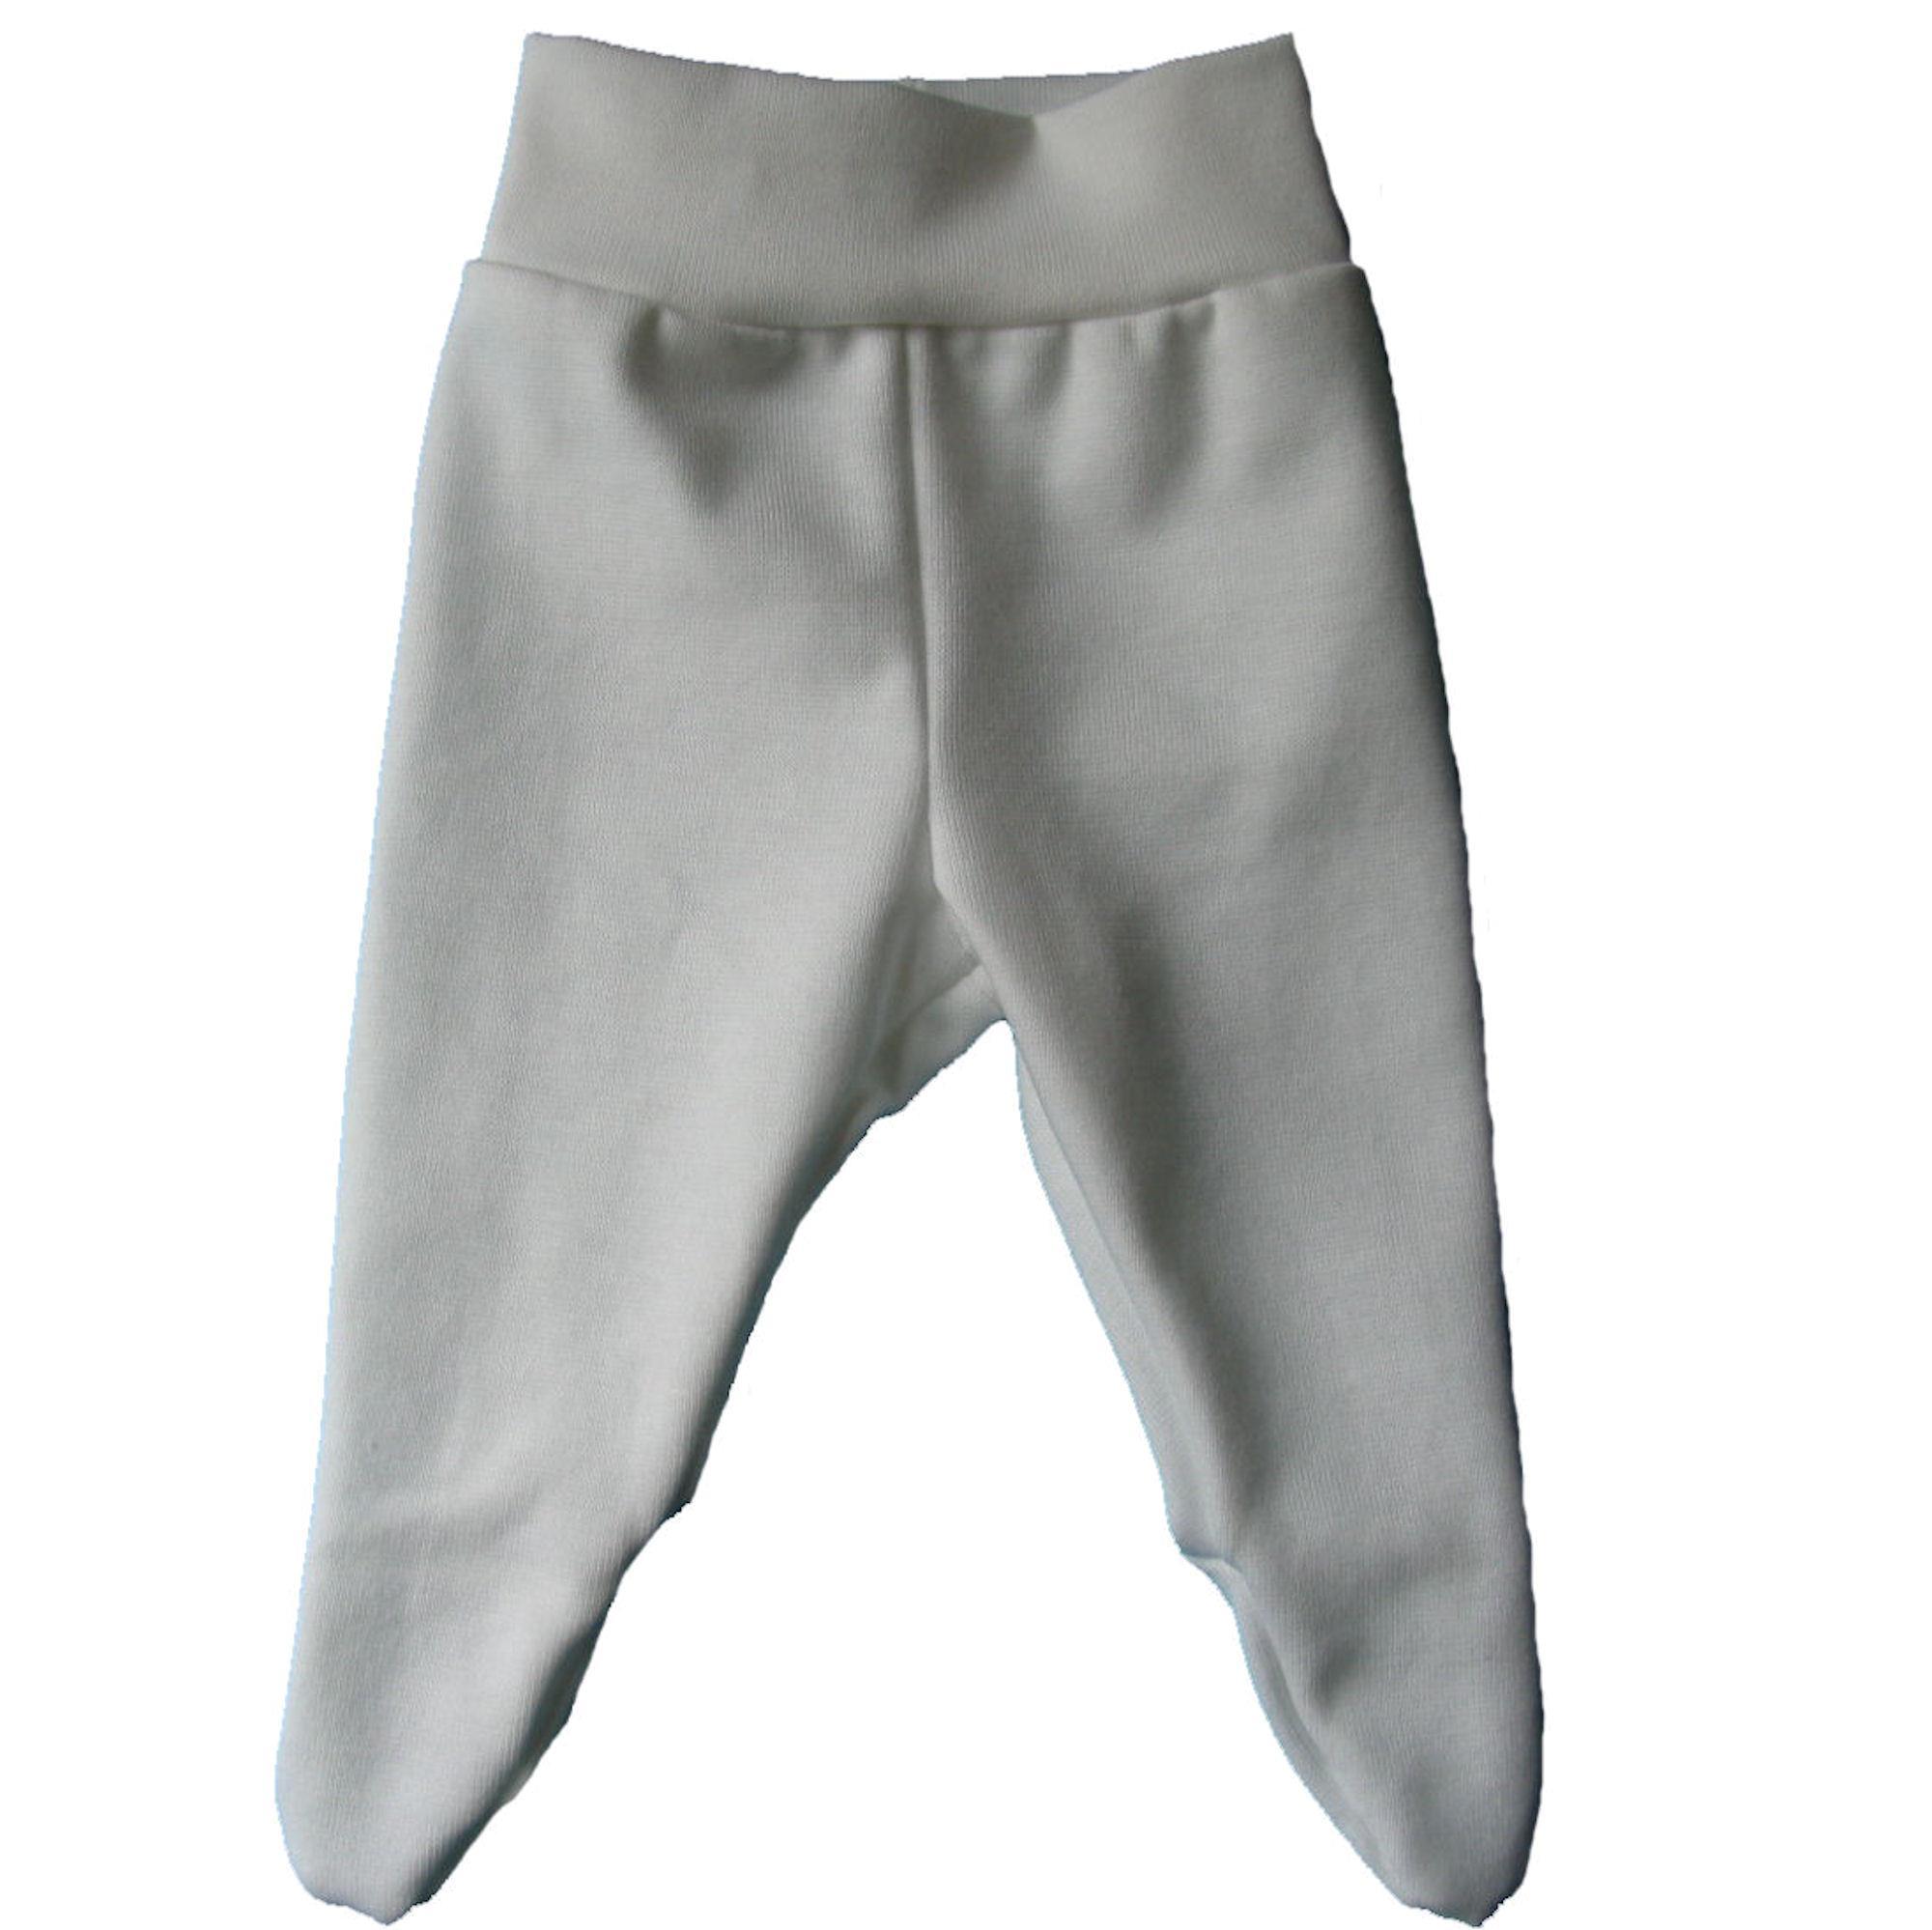 LT design præmatur bukser med fødder hvid str. 38, 44